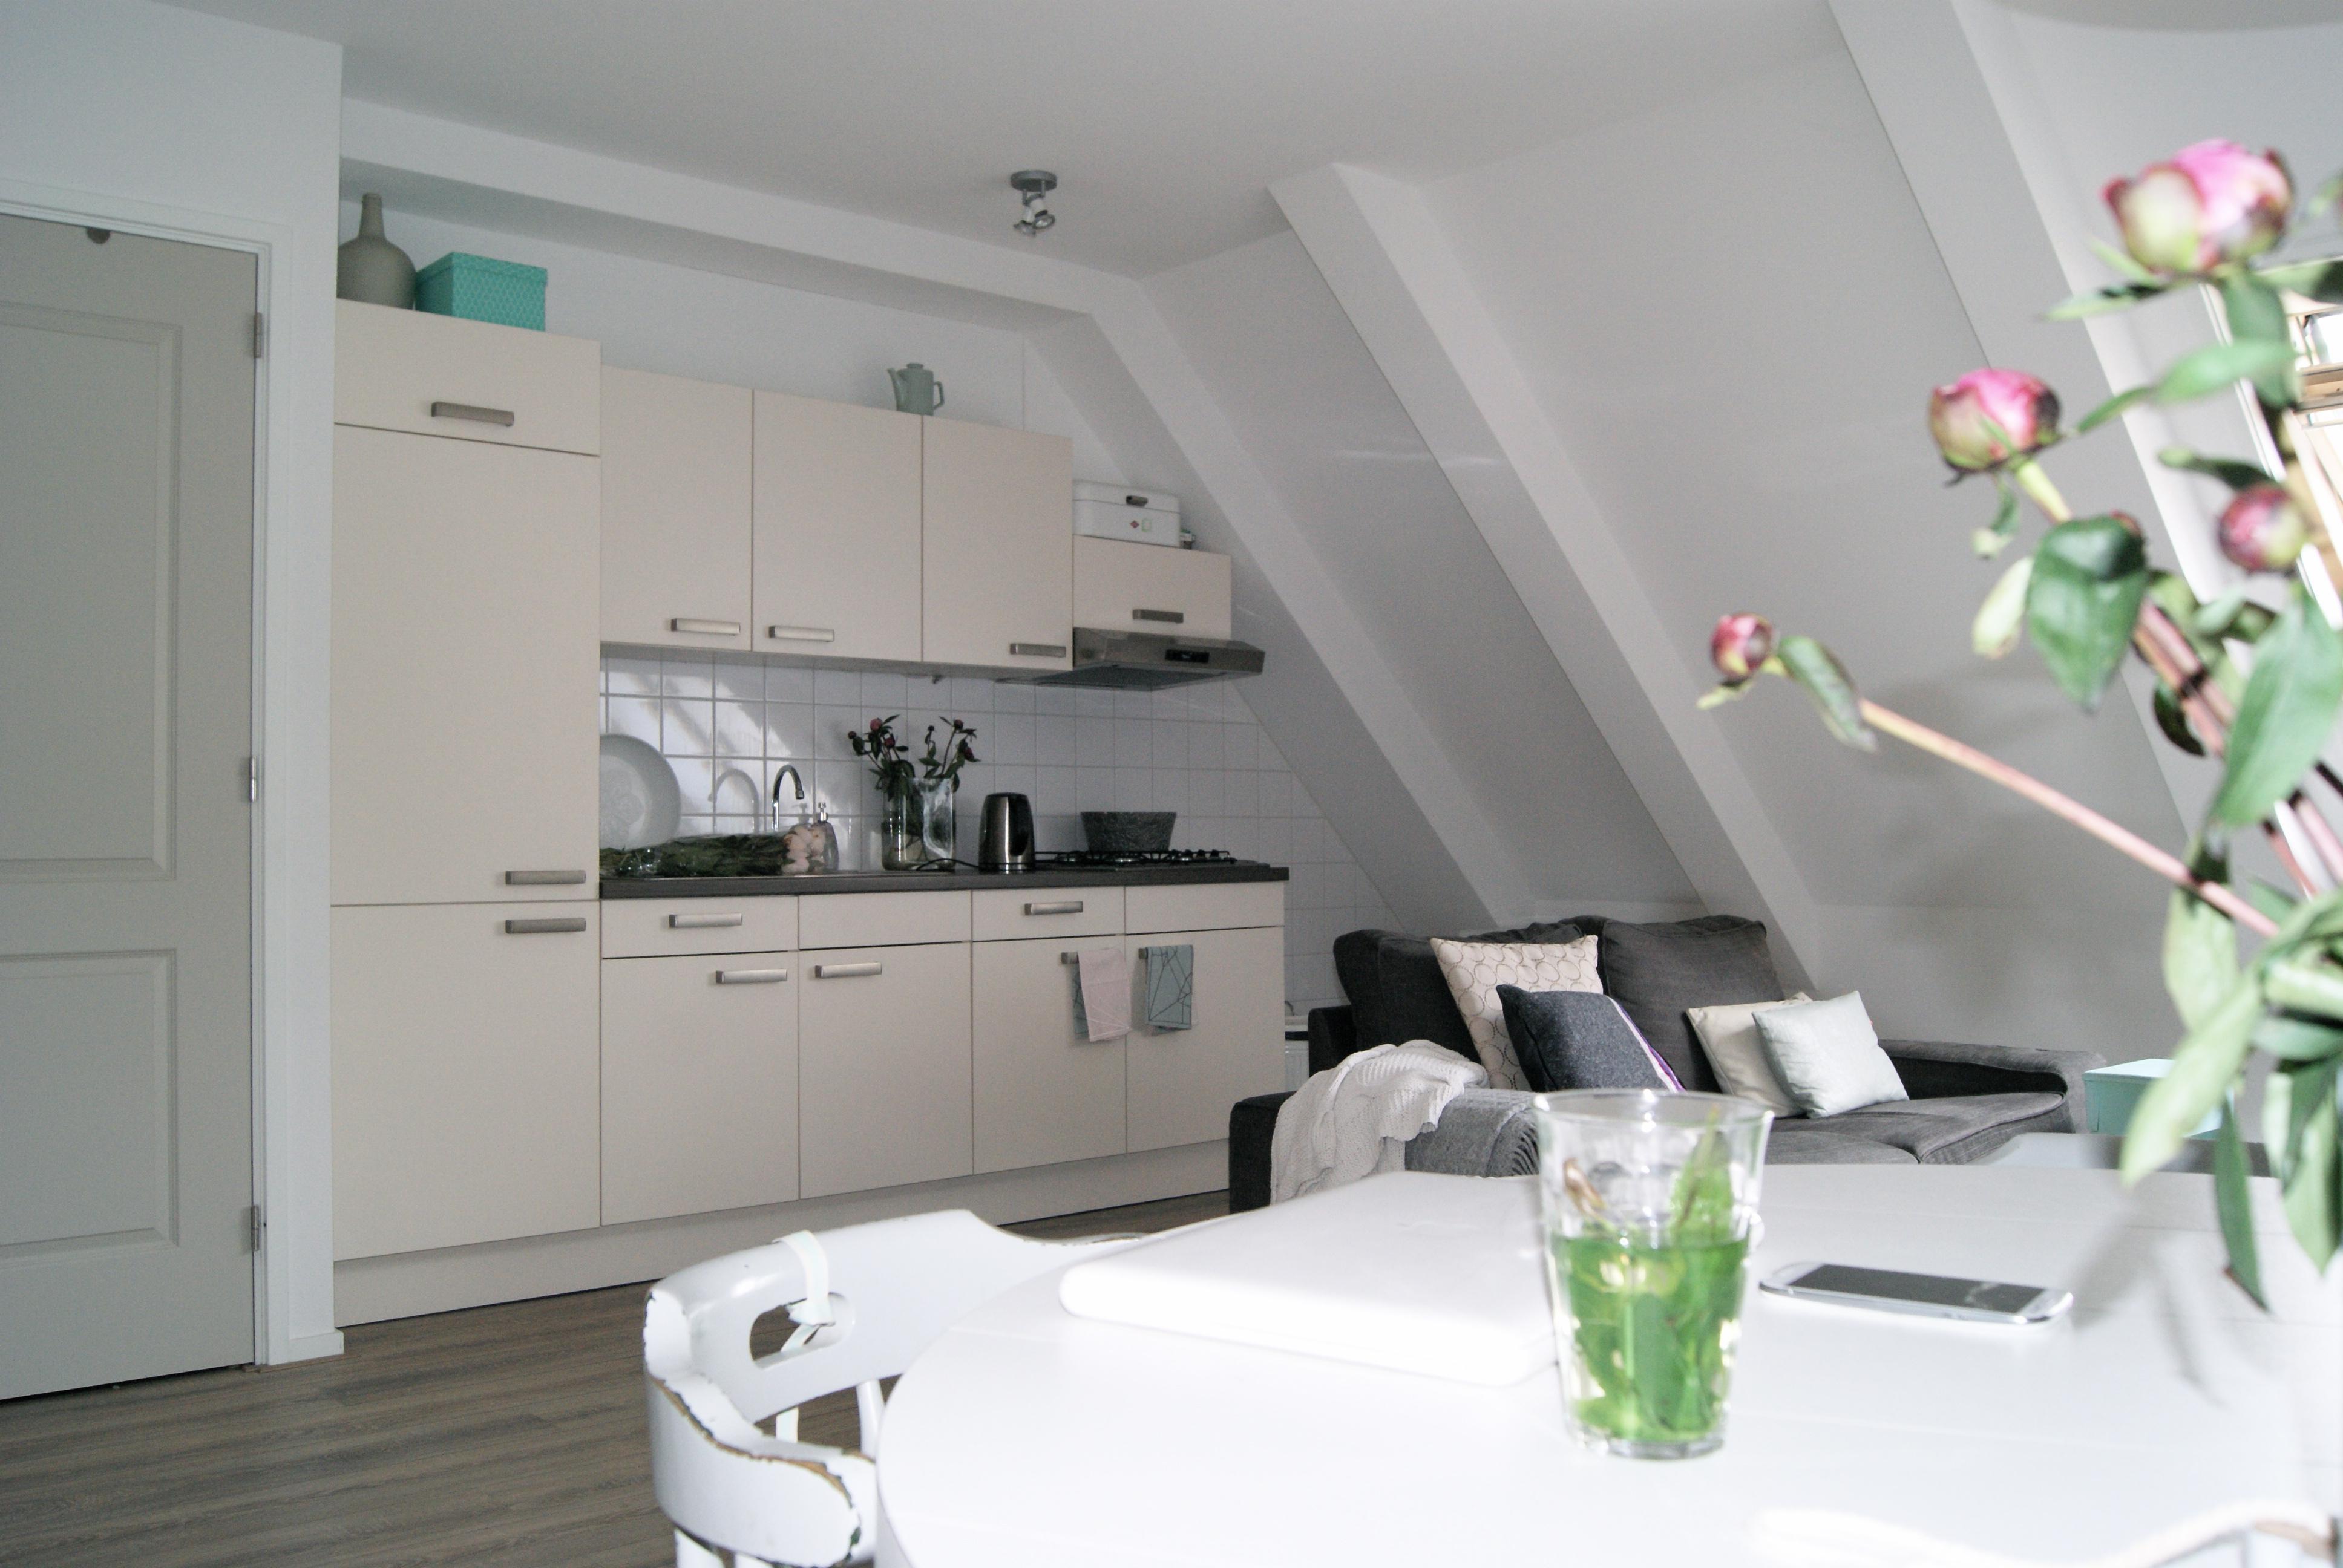 Kleine woonkamer inspiratie - Slaapkamer idee ...